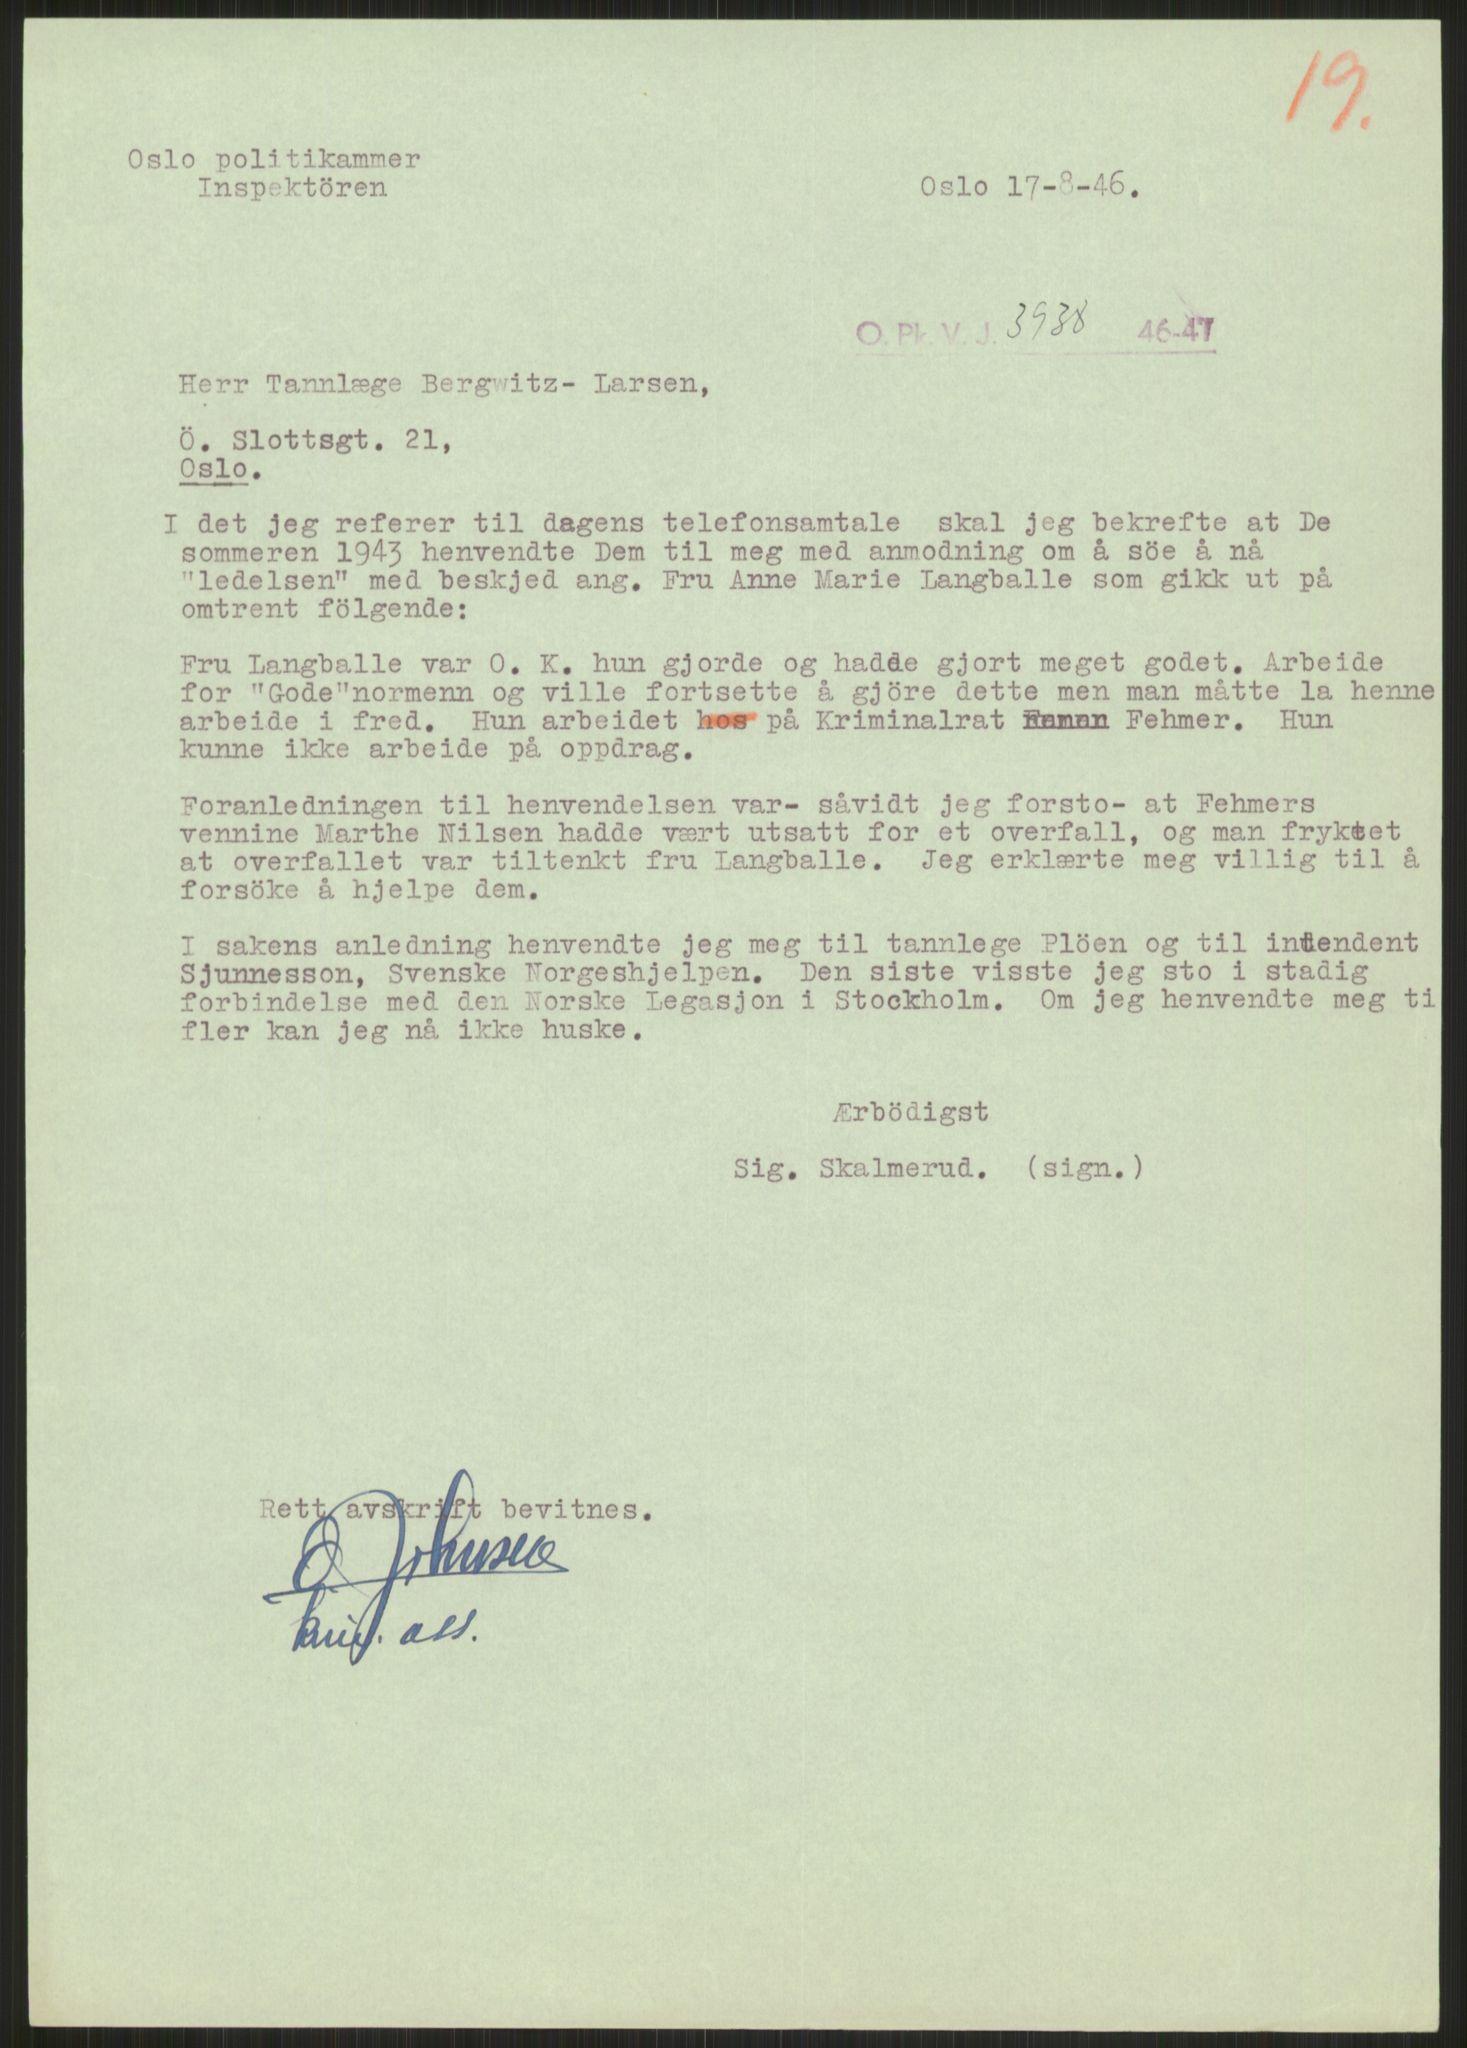 RA, Landssvikarkivet, Oslo politikammer, D/Dg/L0267: Henlagt hnr. 3658, 1945-1946, s. 270